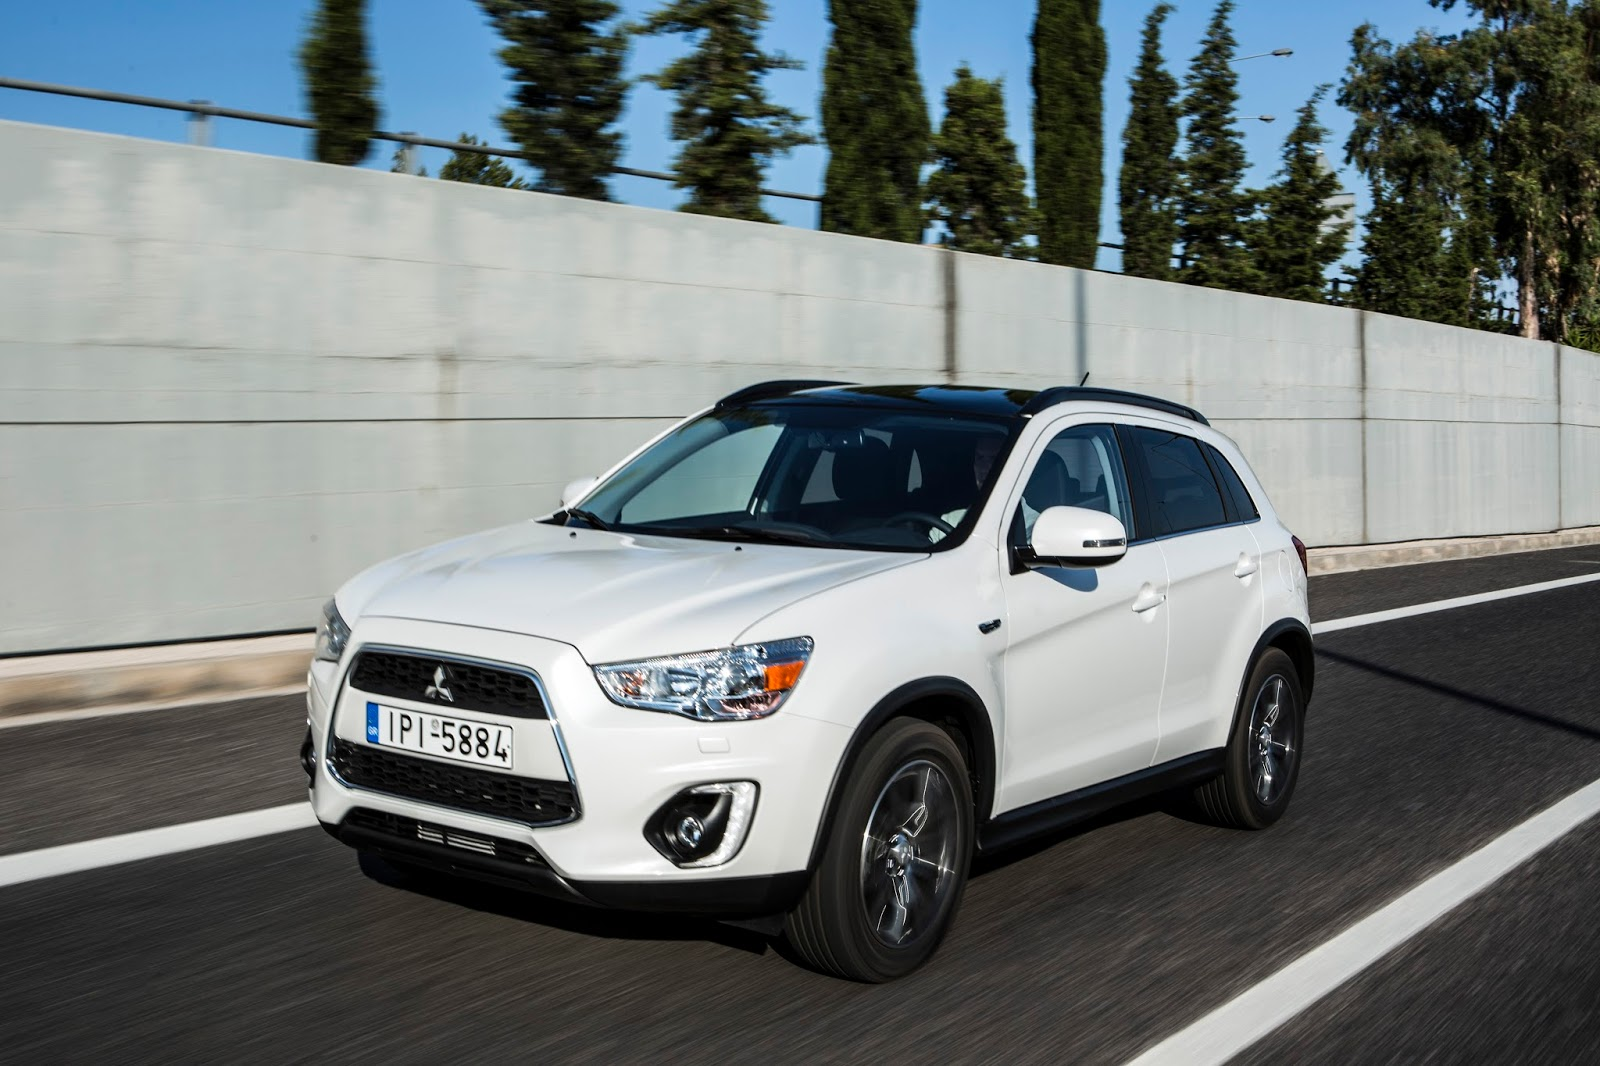 Προωθητικές ενέργειες Mitsubishi Motors μηνός Ιουλίου και Αυγούστου 2017